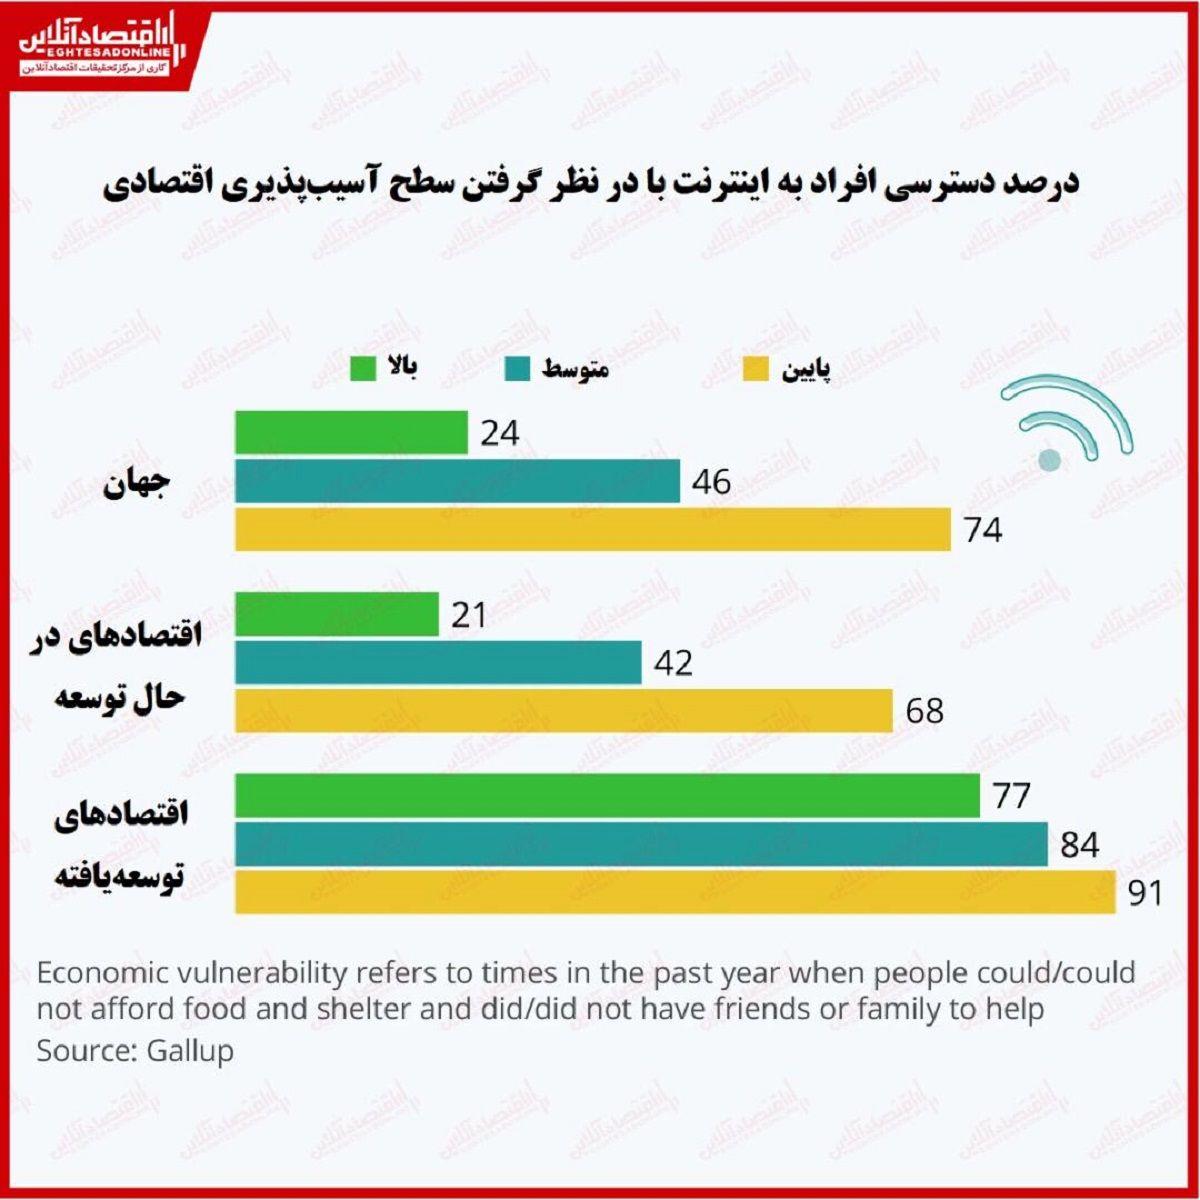 سطح پایین دسترسی به اینترنت در میان قشر آسیبپذیر اقتصادی